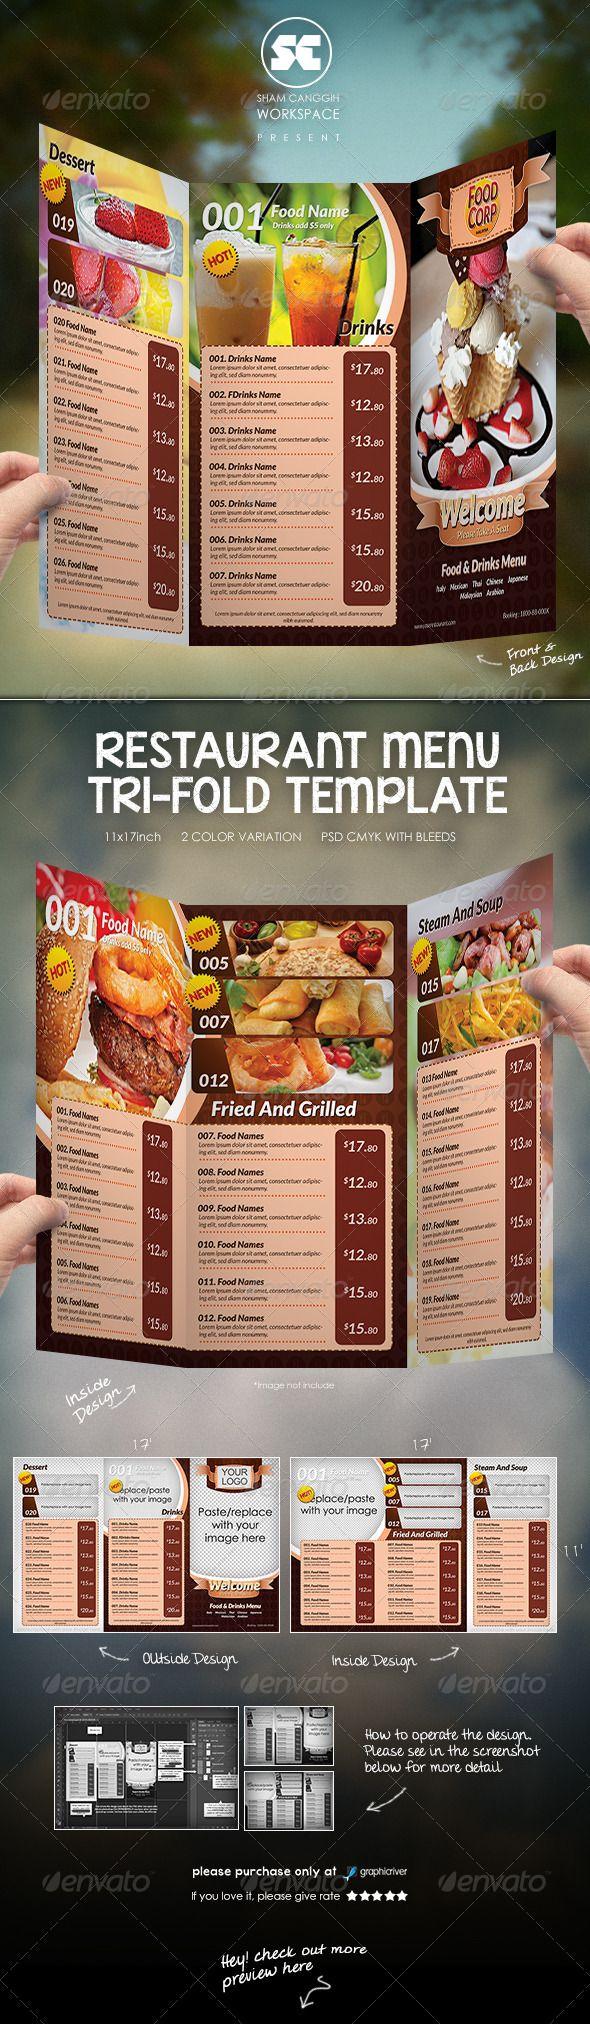 TriFold Restaurant Menu Template  Restaurant Menu Template Menu